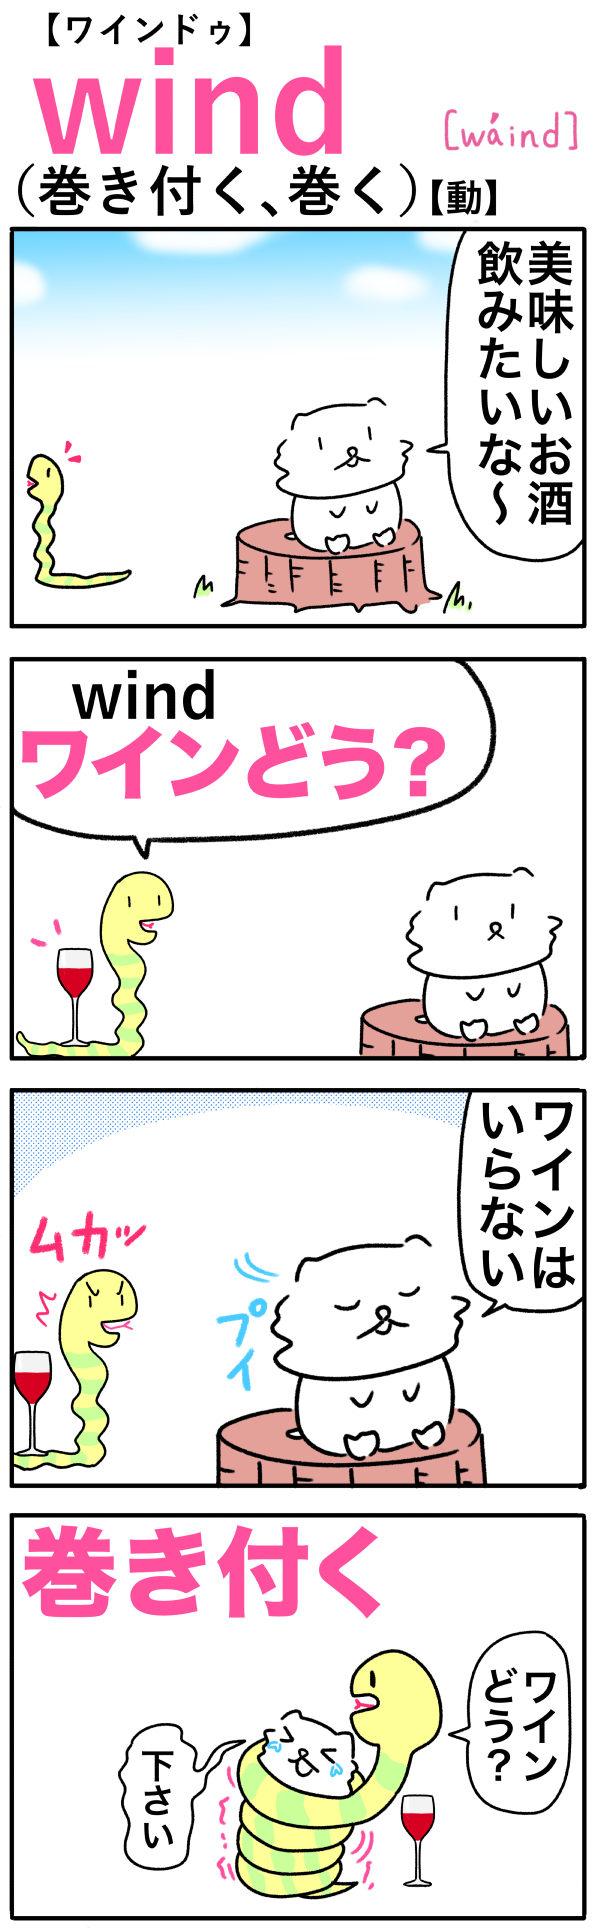 wind(巻き付く)の語呂合わせ英単語